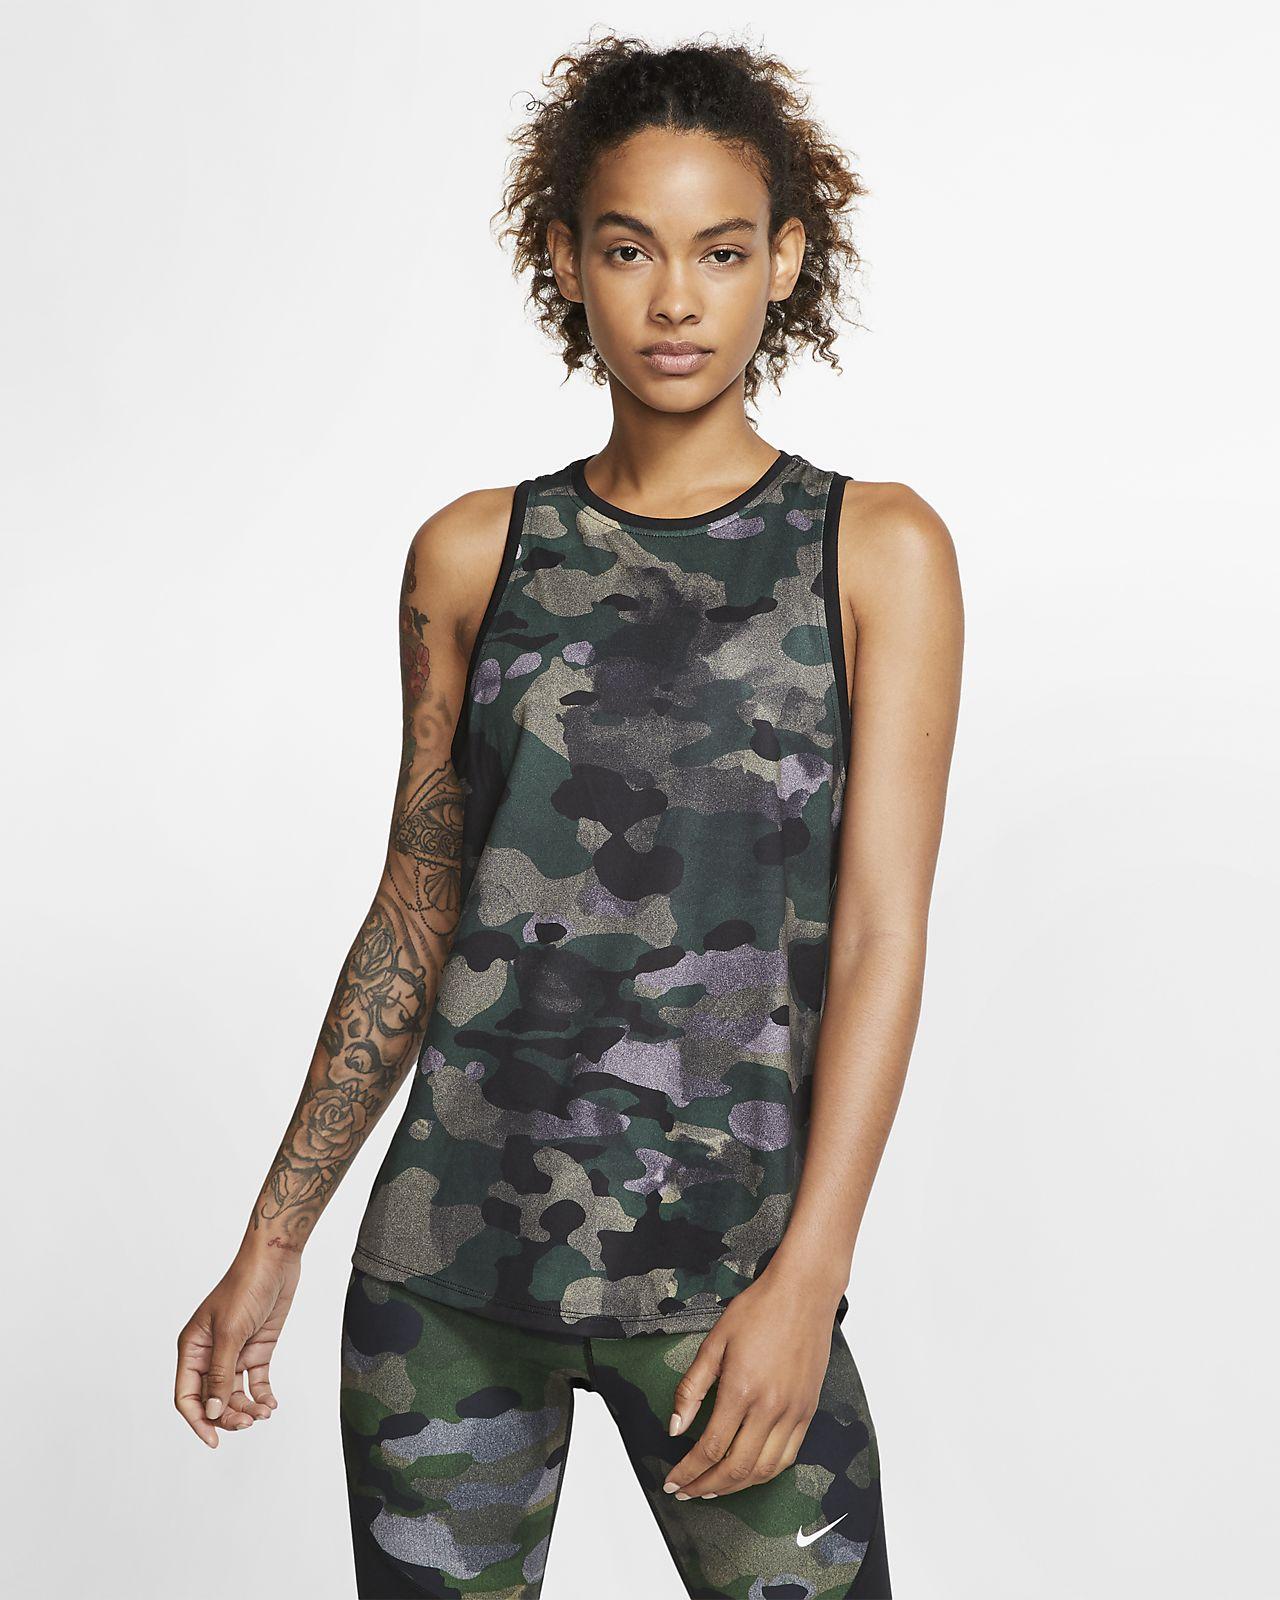 Nike Dri-FIT Women's Camo Training Tank